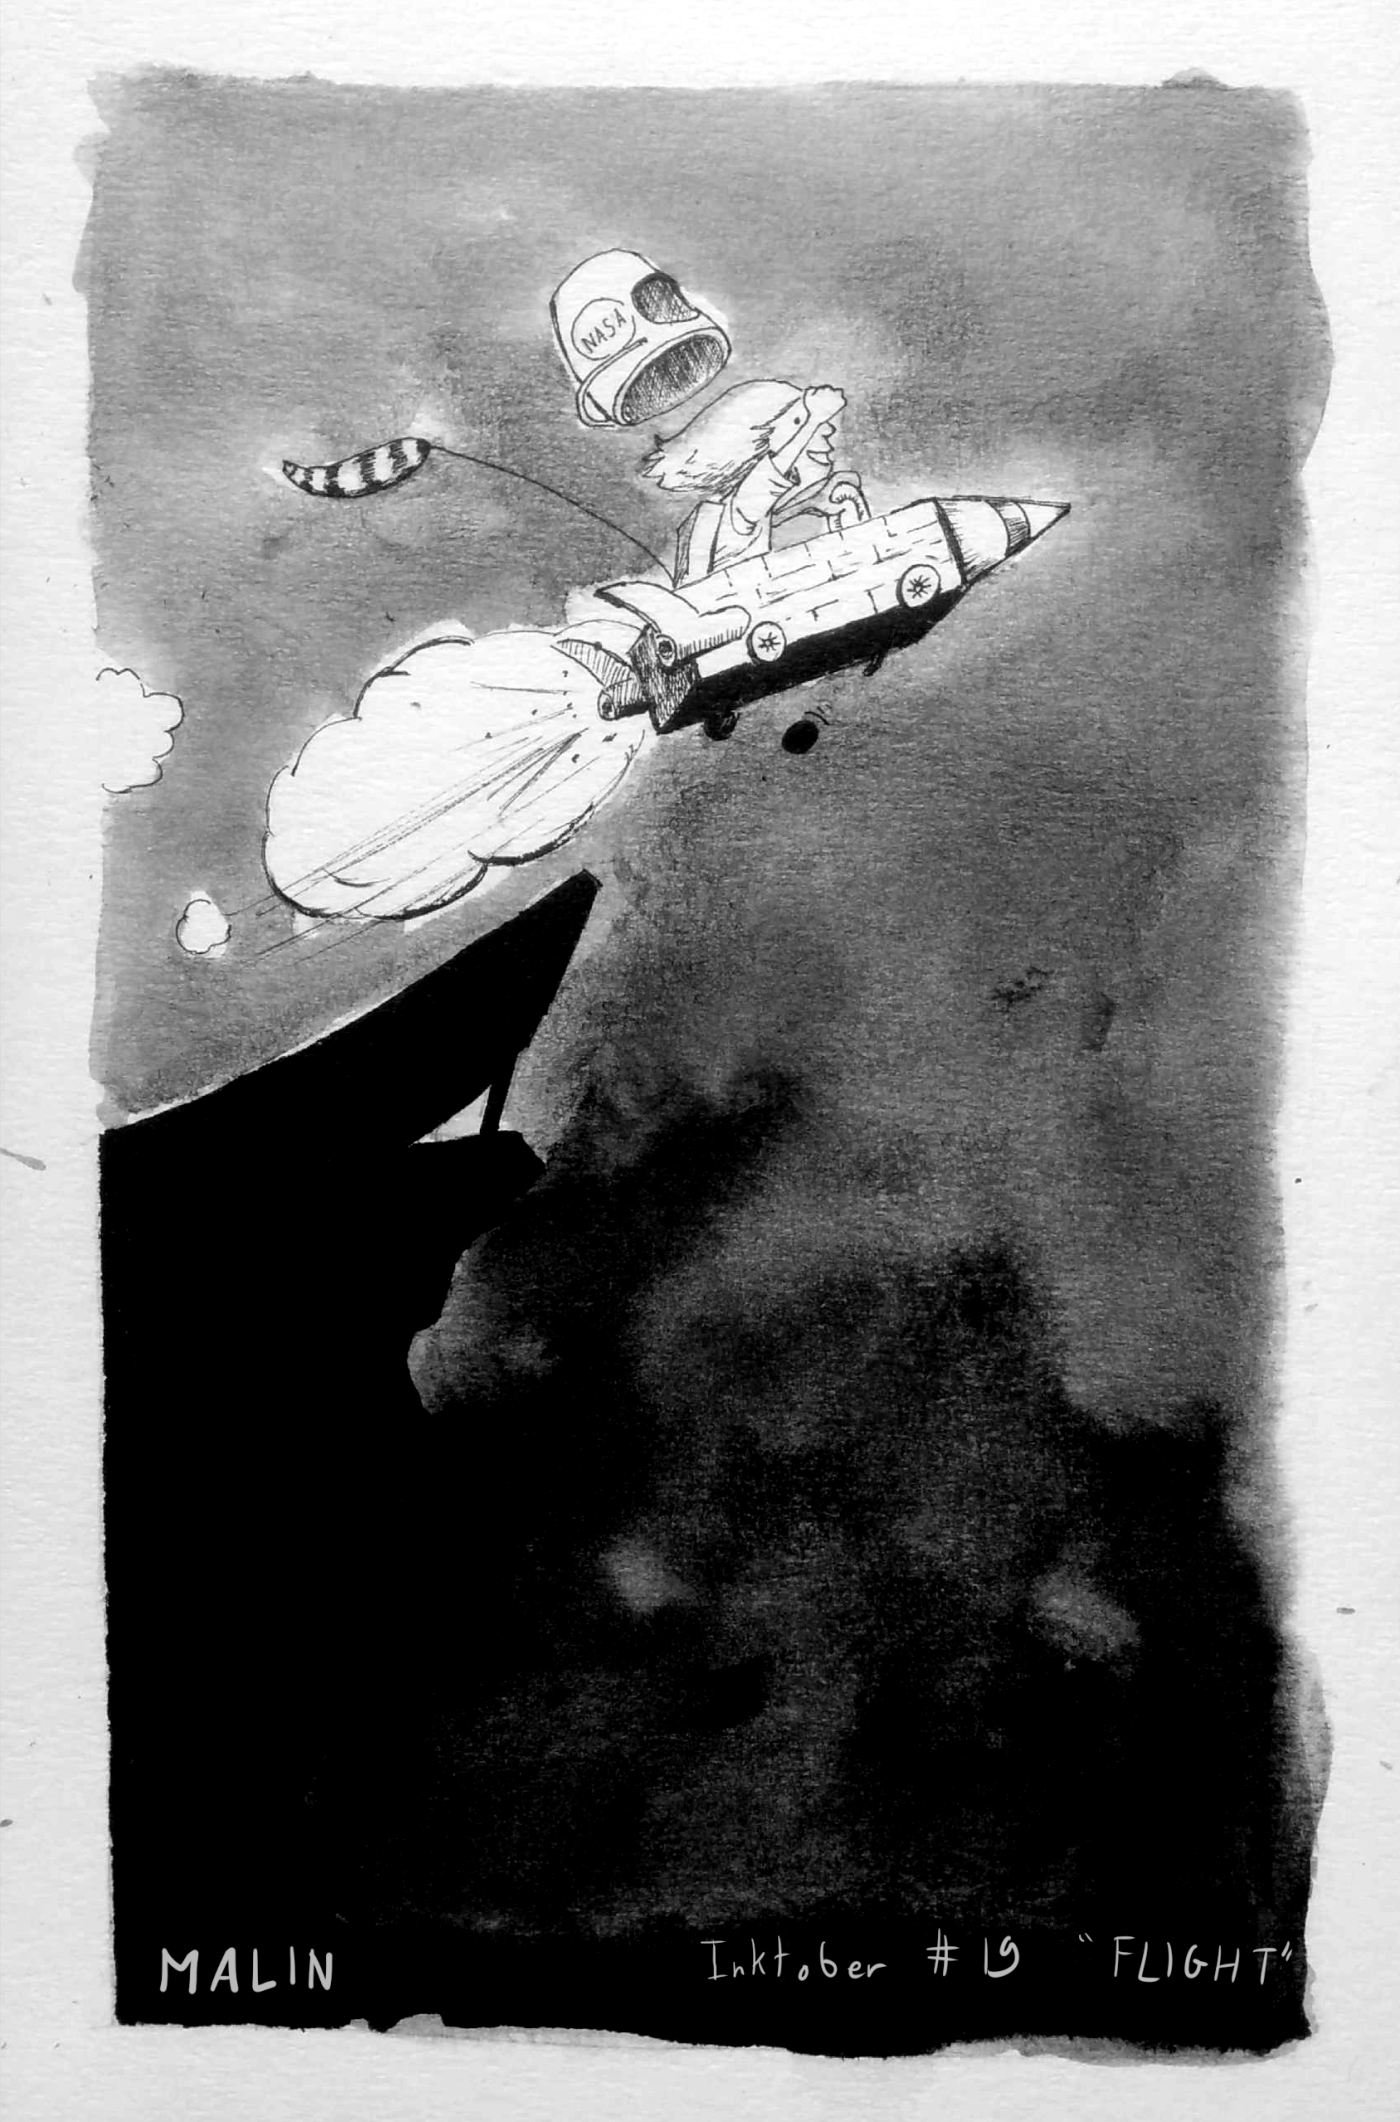 inktober-19-flight